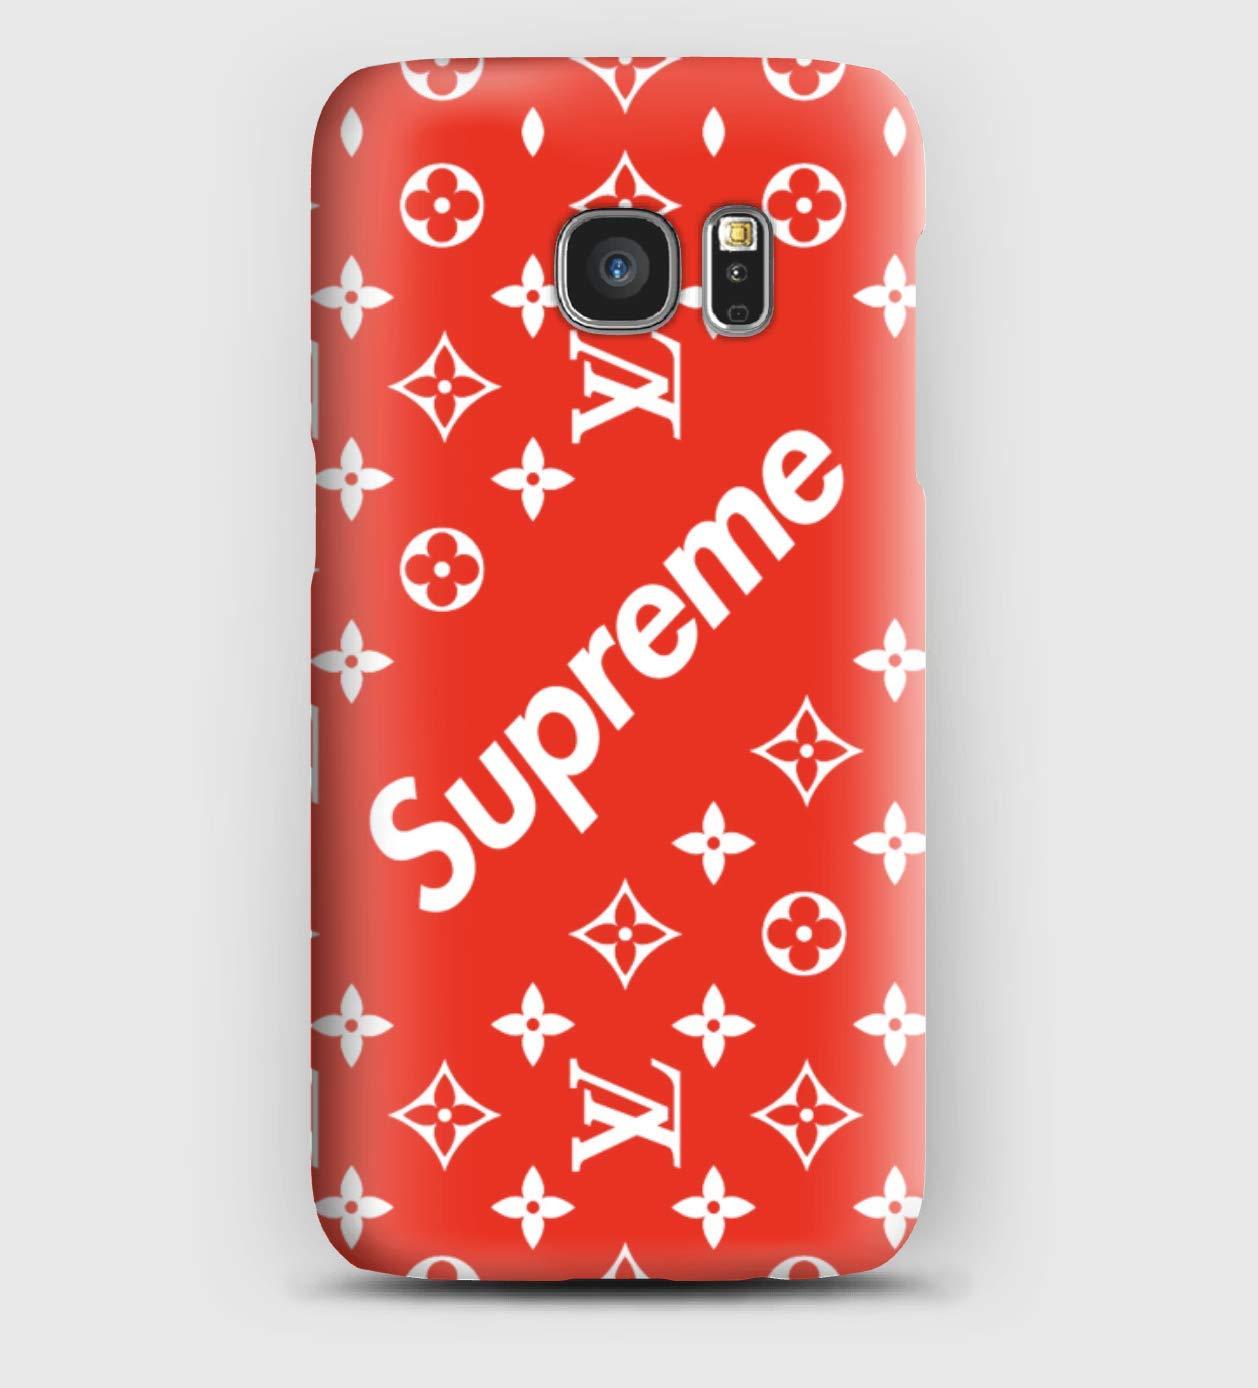 Supreme, coque pour Samsung S5, S6, S7, S8, S9, A3, A5, A7,A8, J3, J5, Note 4, 5, 8,9,Grand prime,